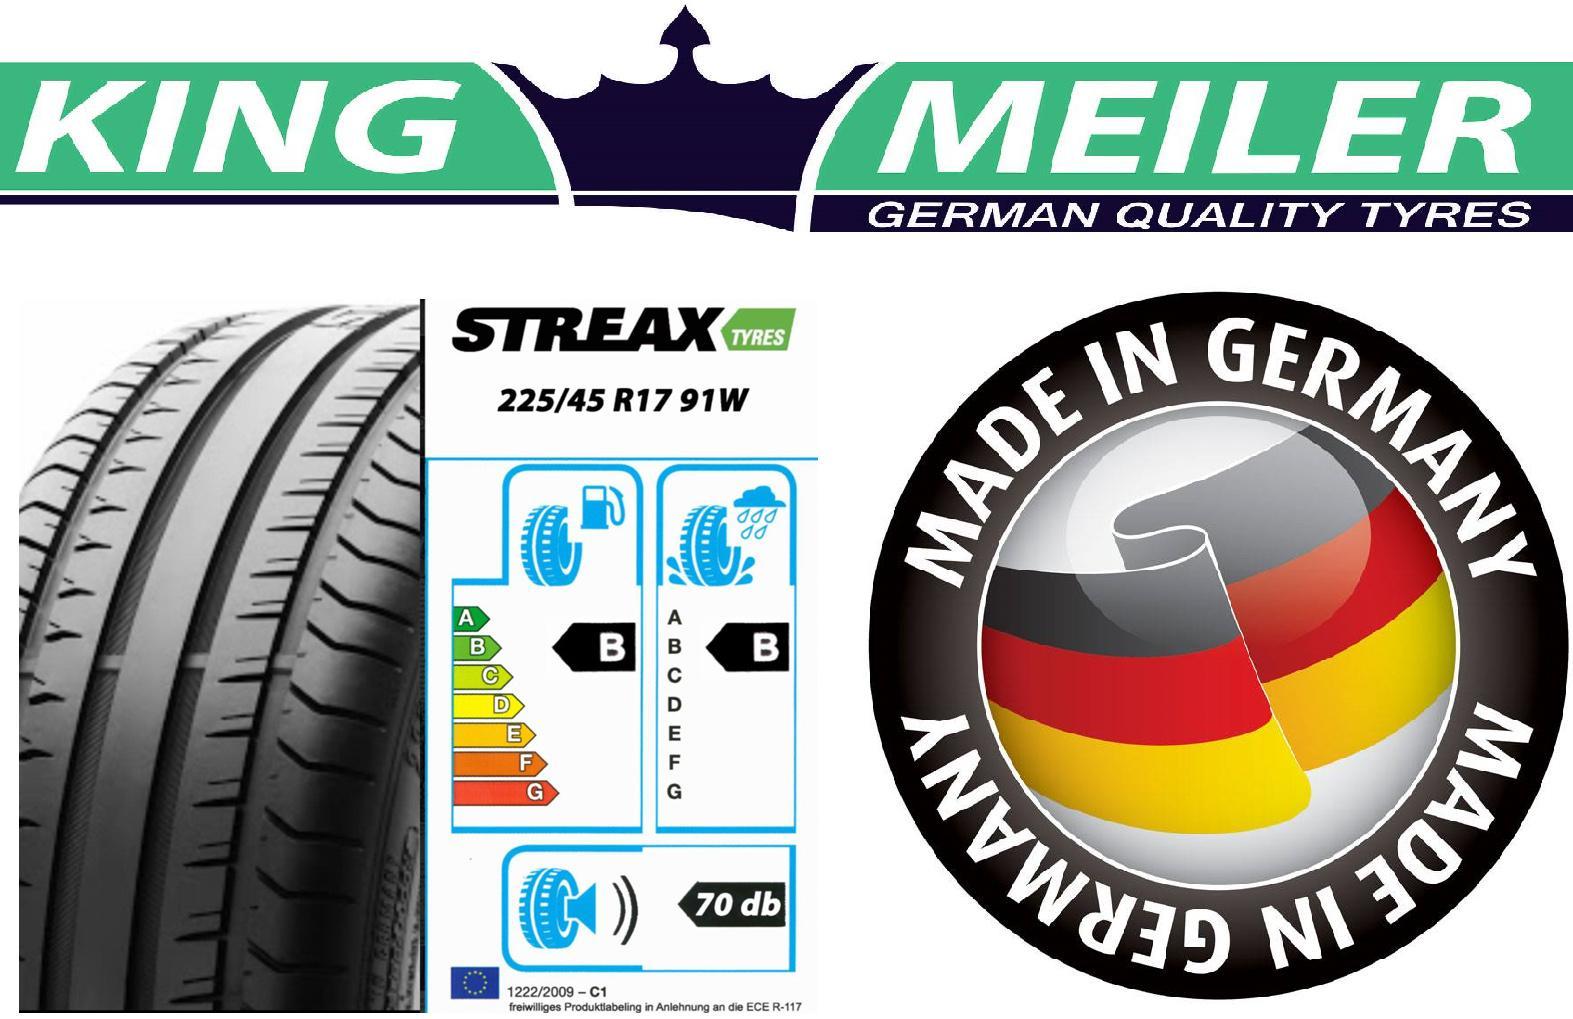 Восстановленные шины от King Meiler превзошли по характеристикам аналоги премиум брендов